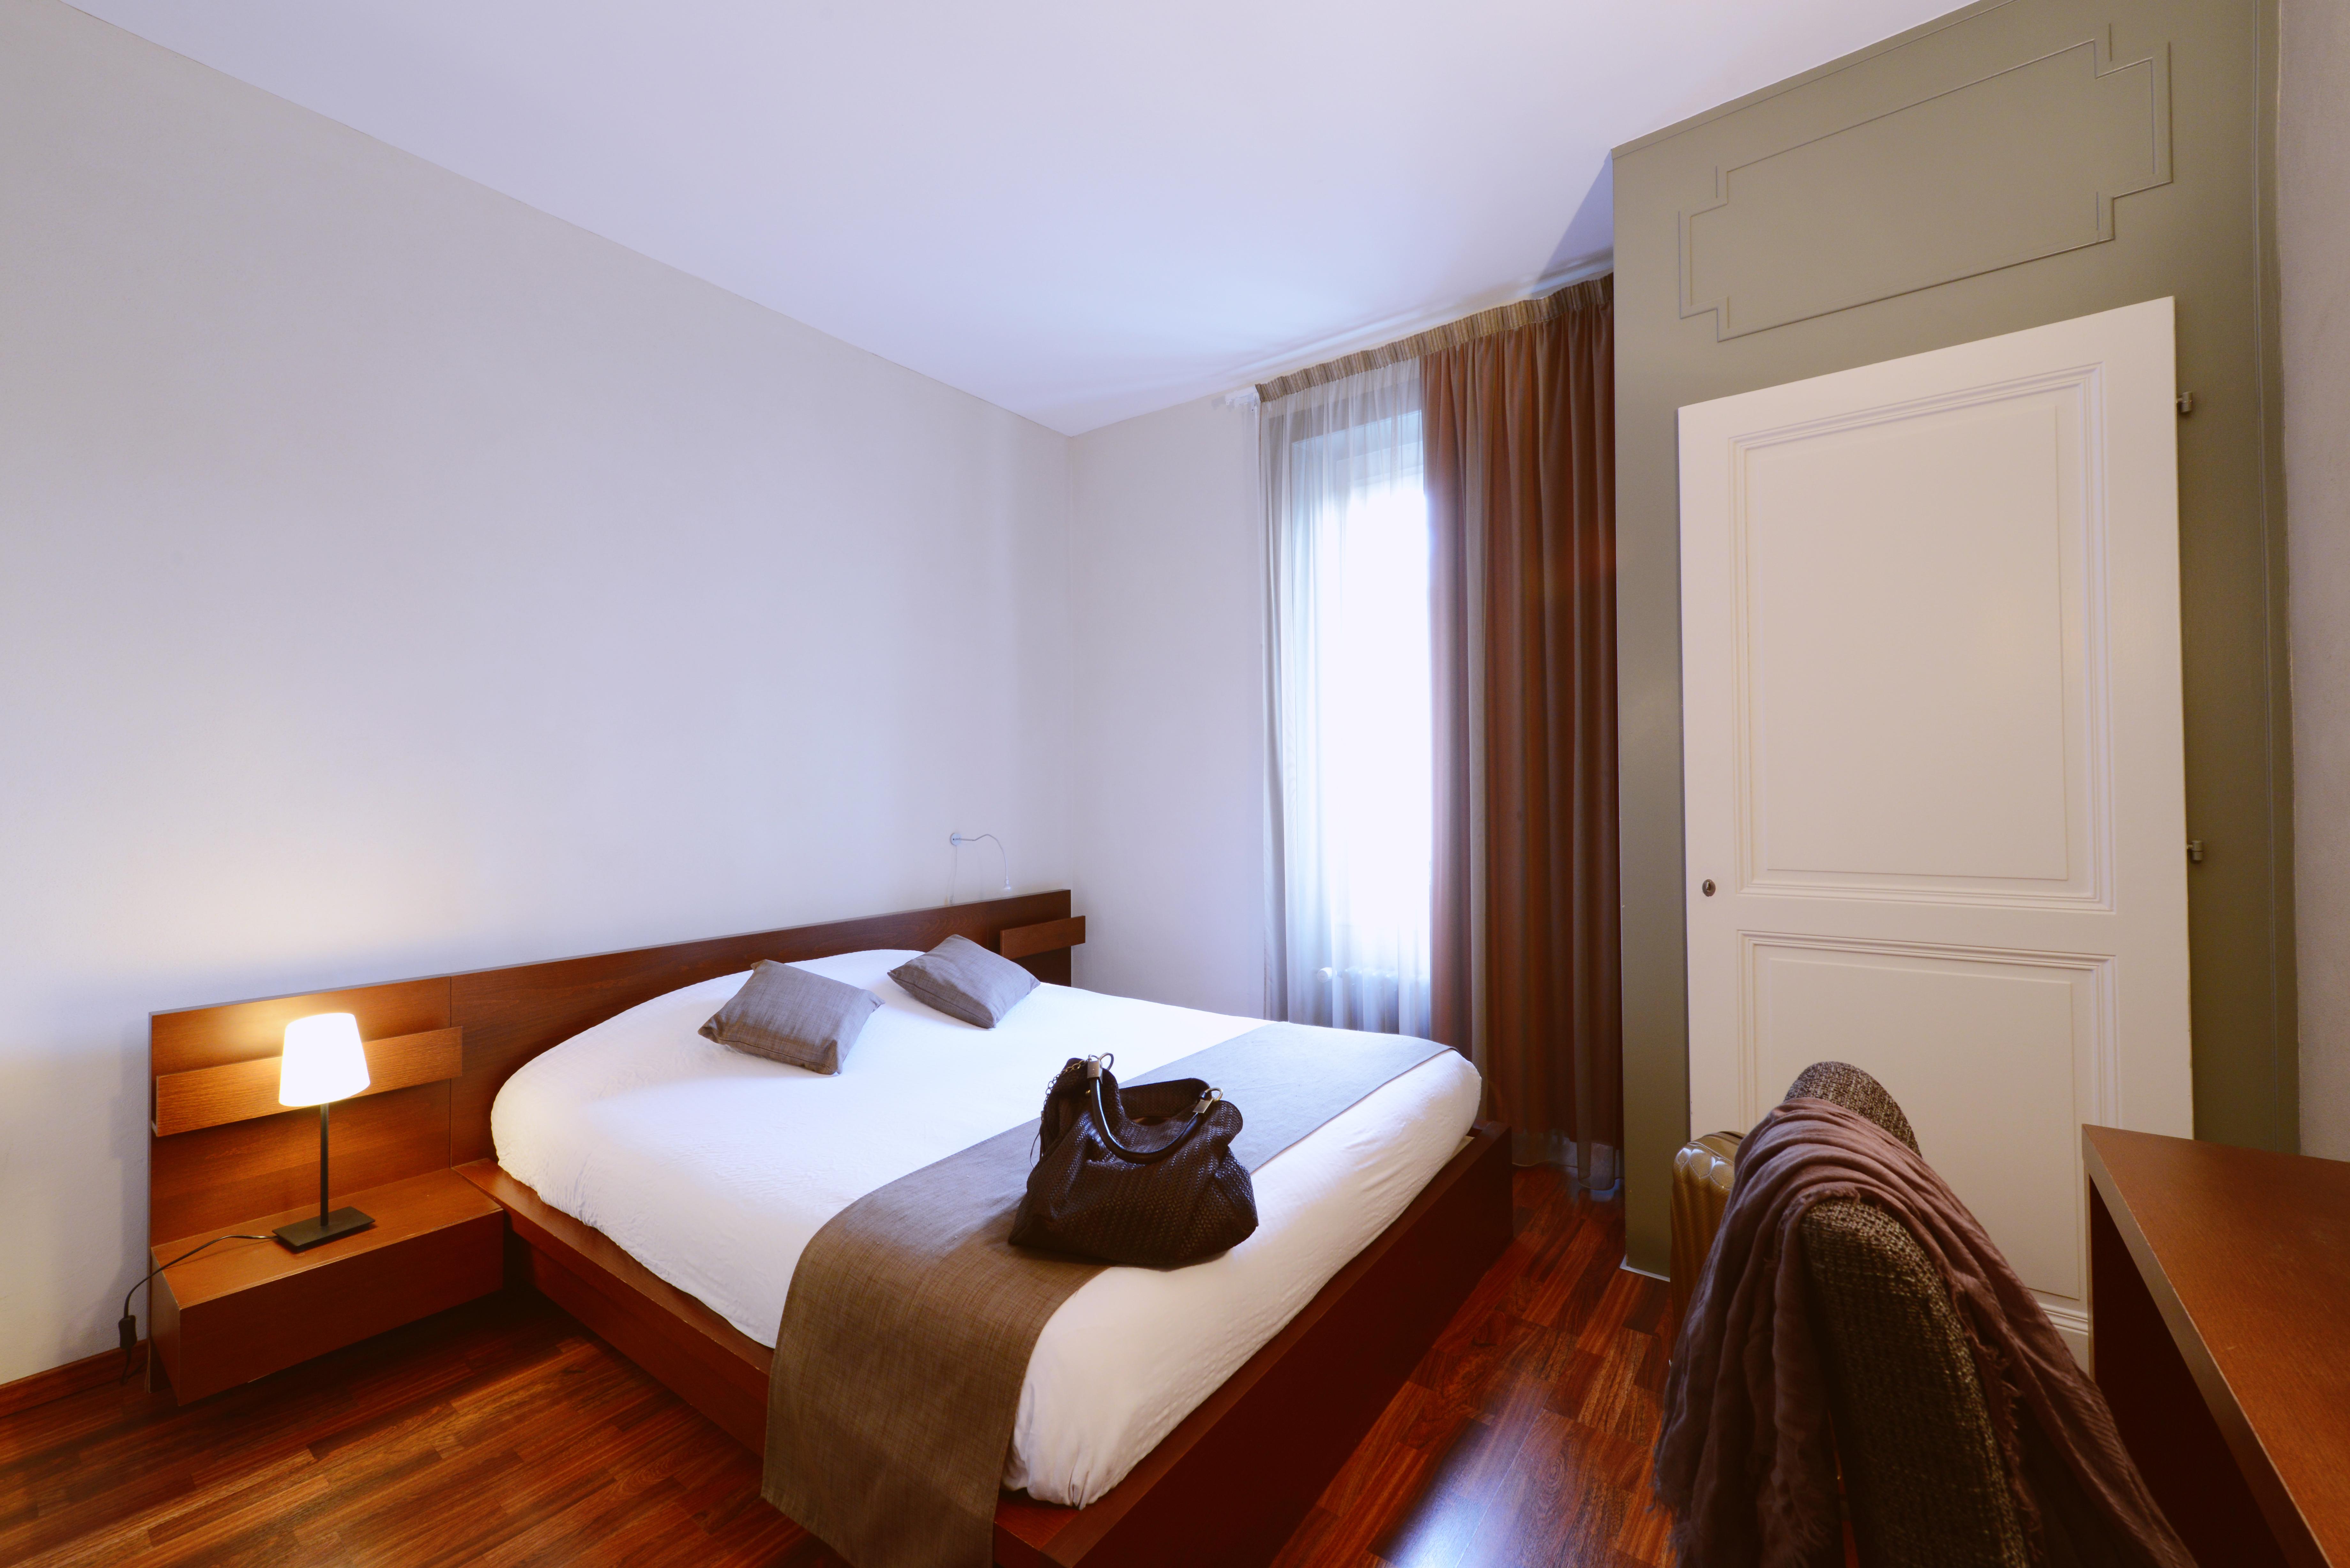 Hotel-du-Marche-Lausanne-Zimmer-Doppel-2-Hôtel du Marché – Lausanne